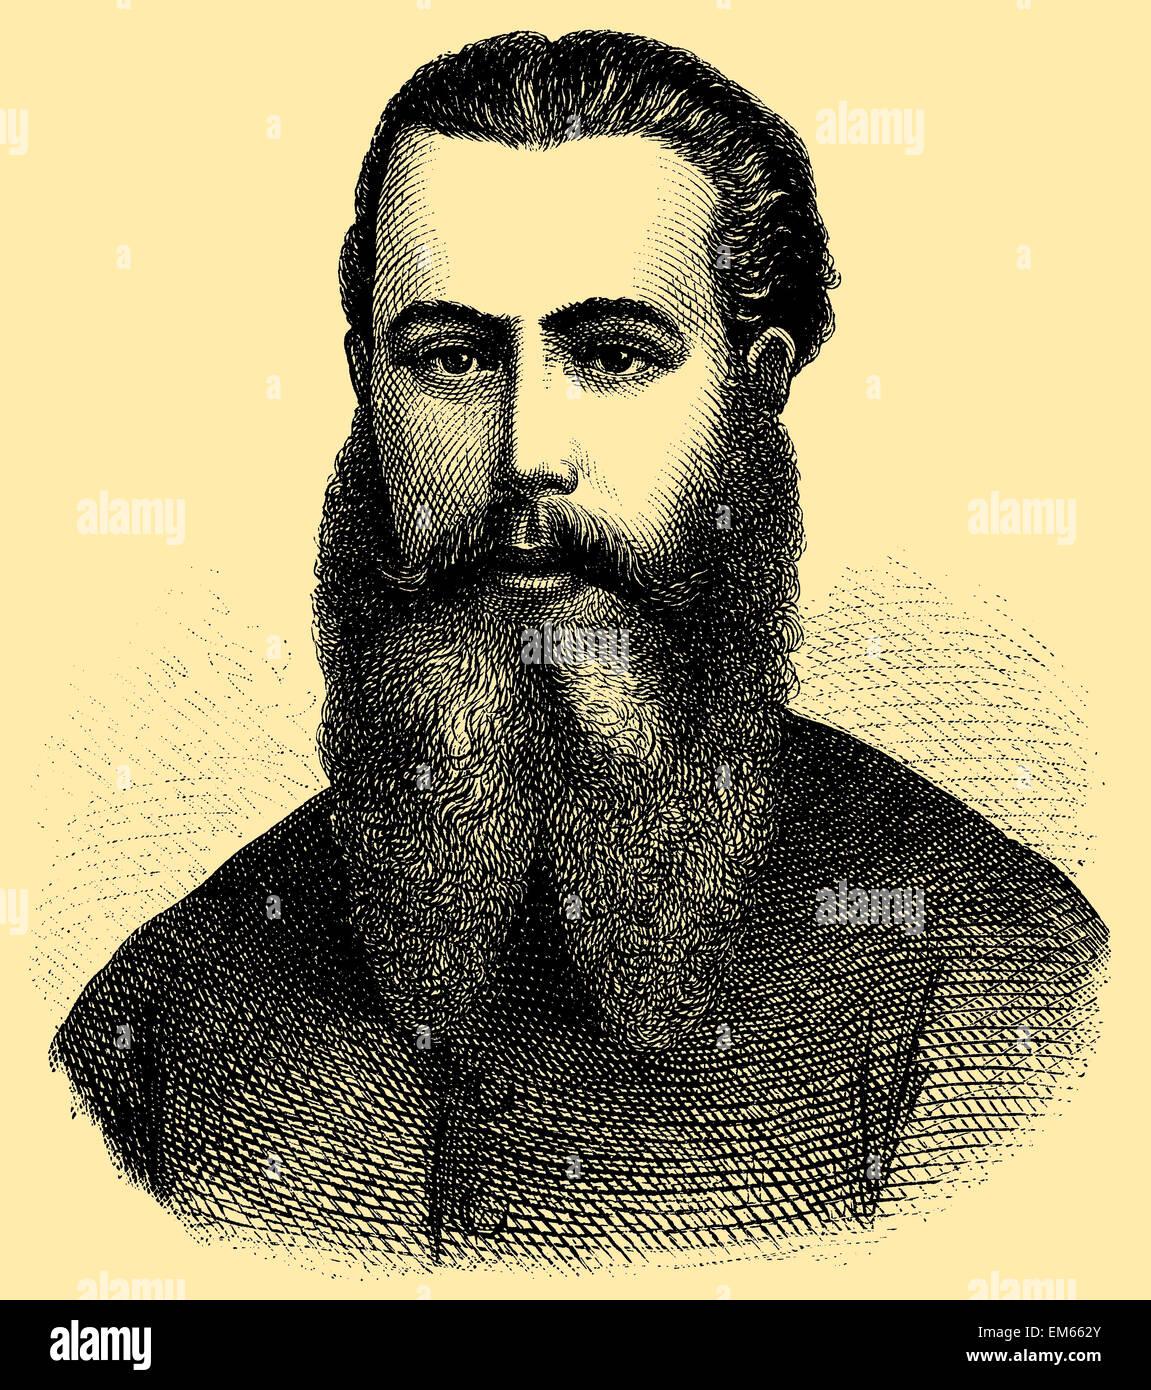 Maximilian I of Mexico (1832 – 1867), Emperor of Mexico - Stock Image